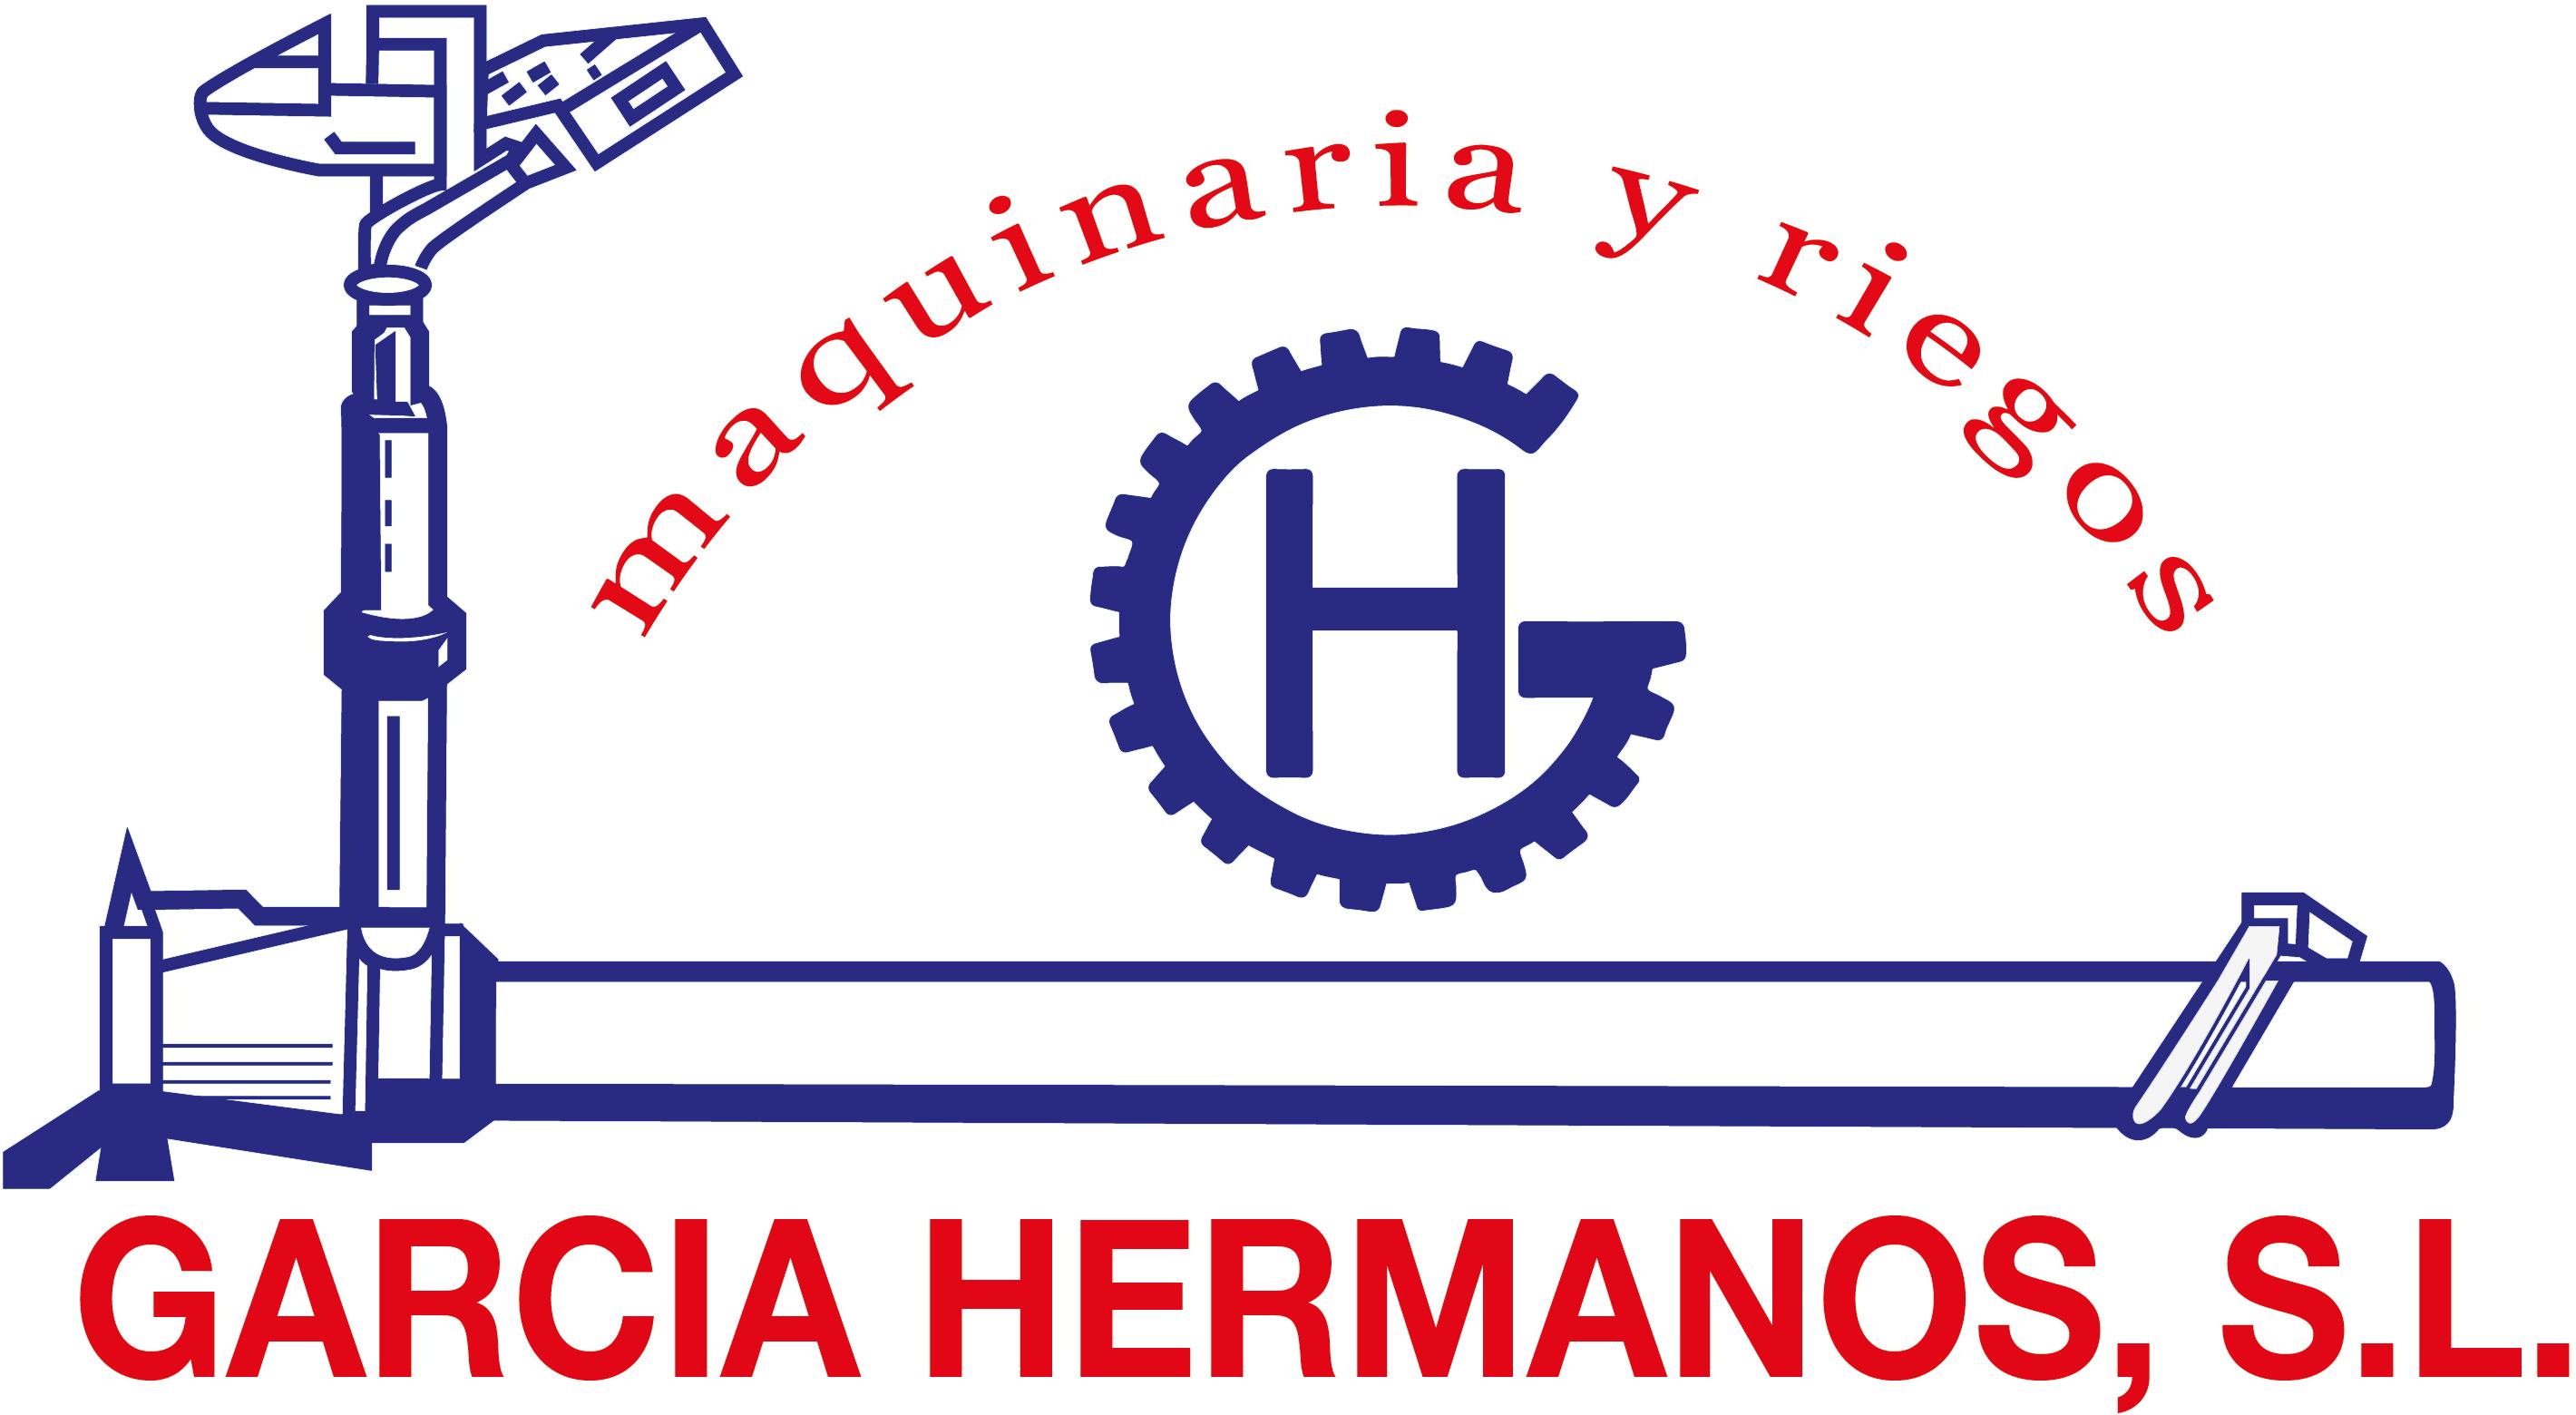 Maquinaria y Riegos García Hermanos SL